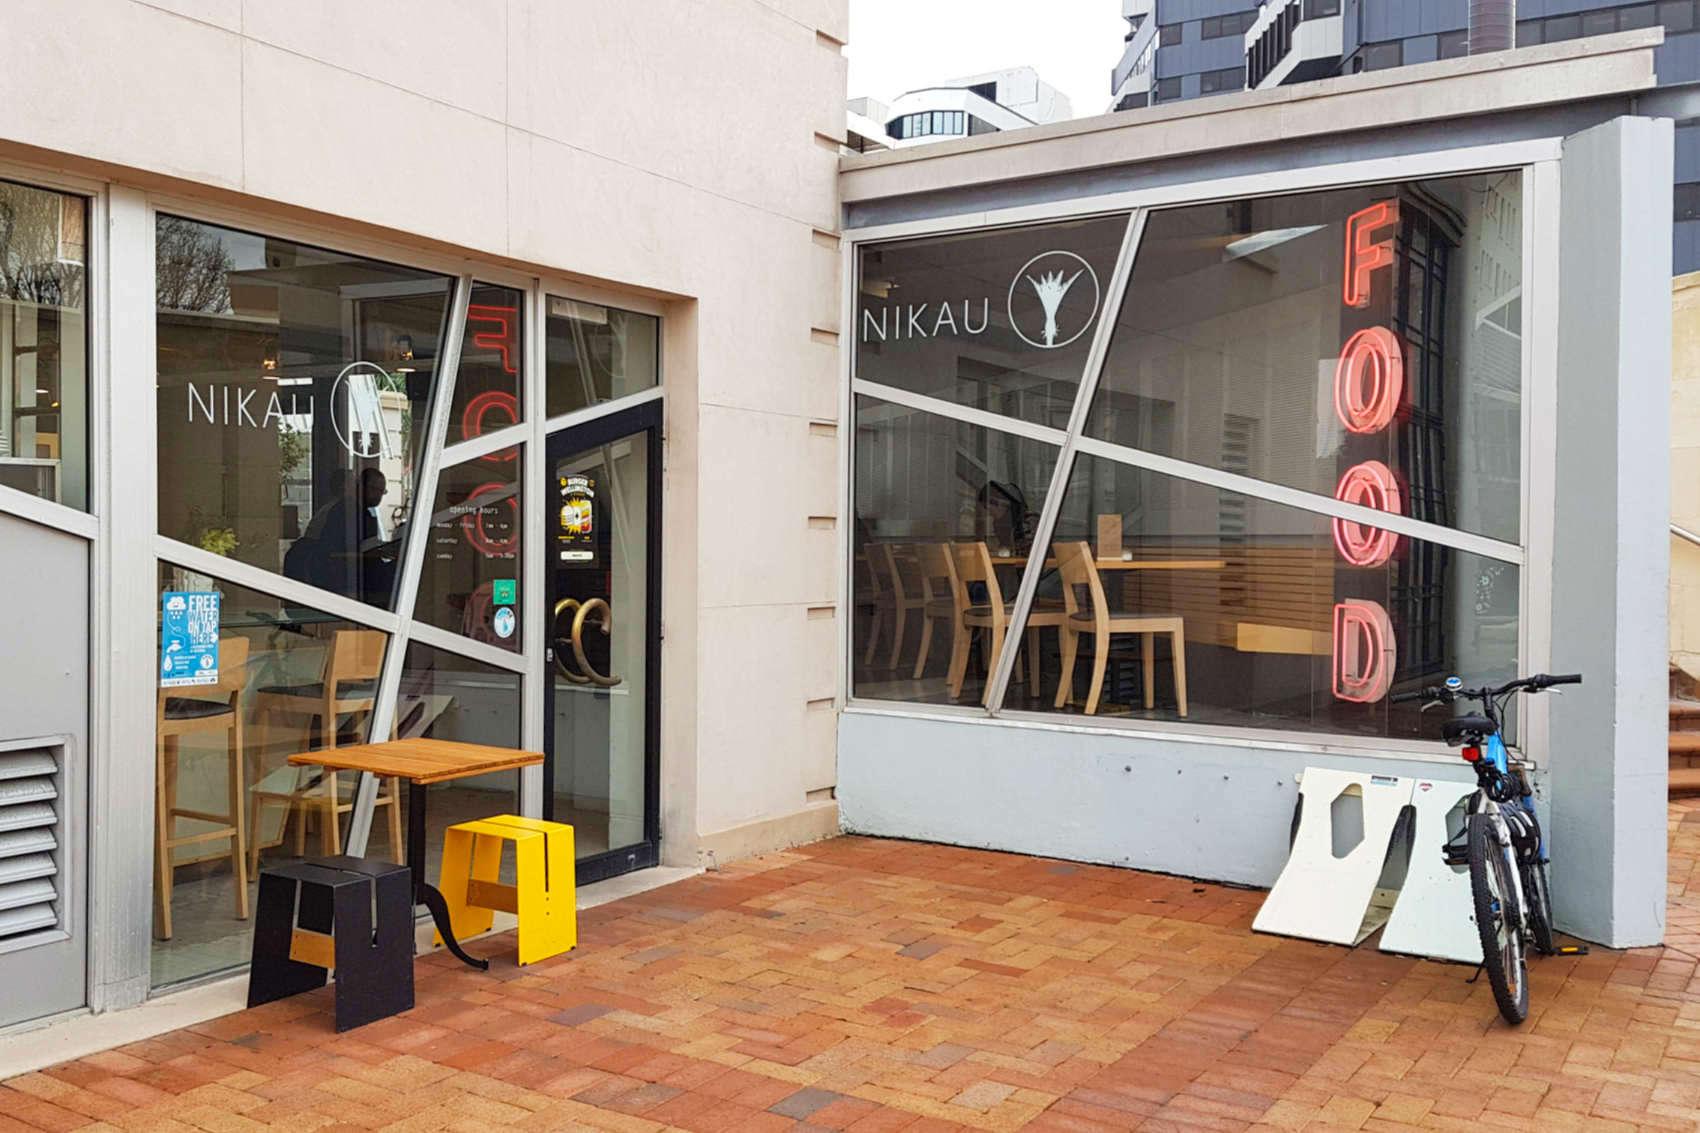 Nikau Cafe - exterior view